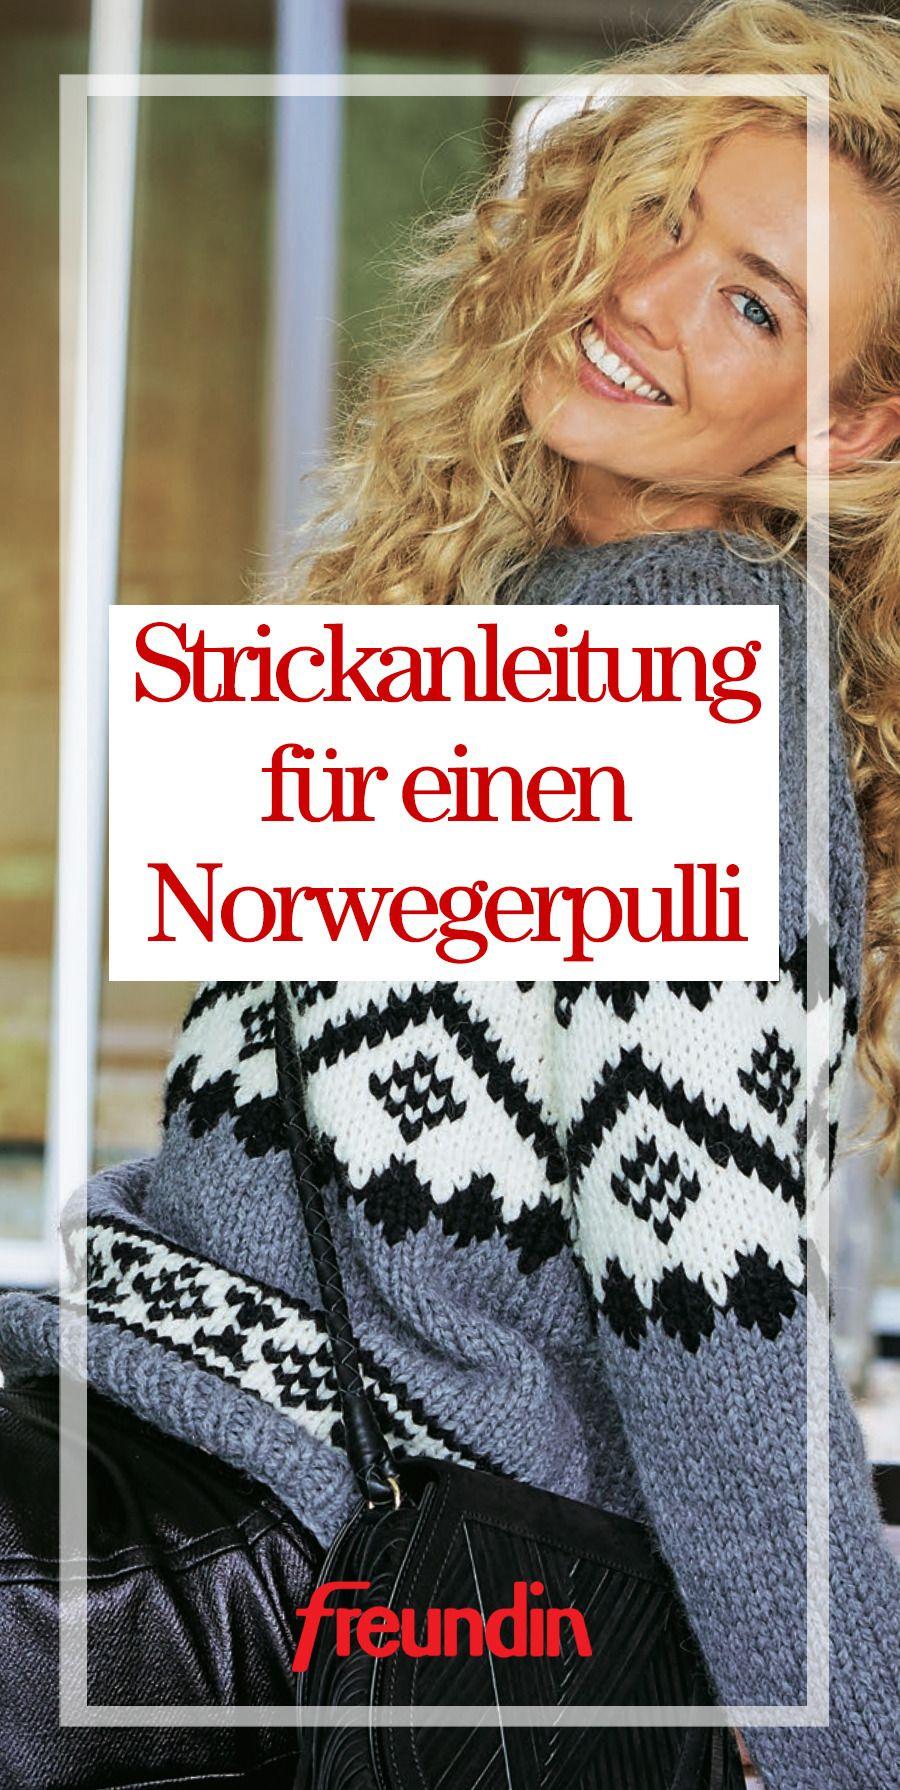 Photo of Strickanleitung für einen Norwegerpulli | freundin.de